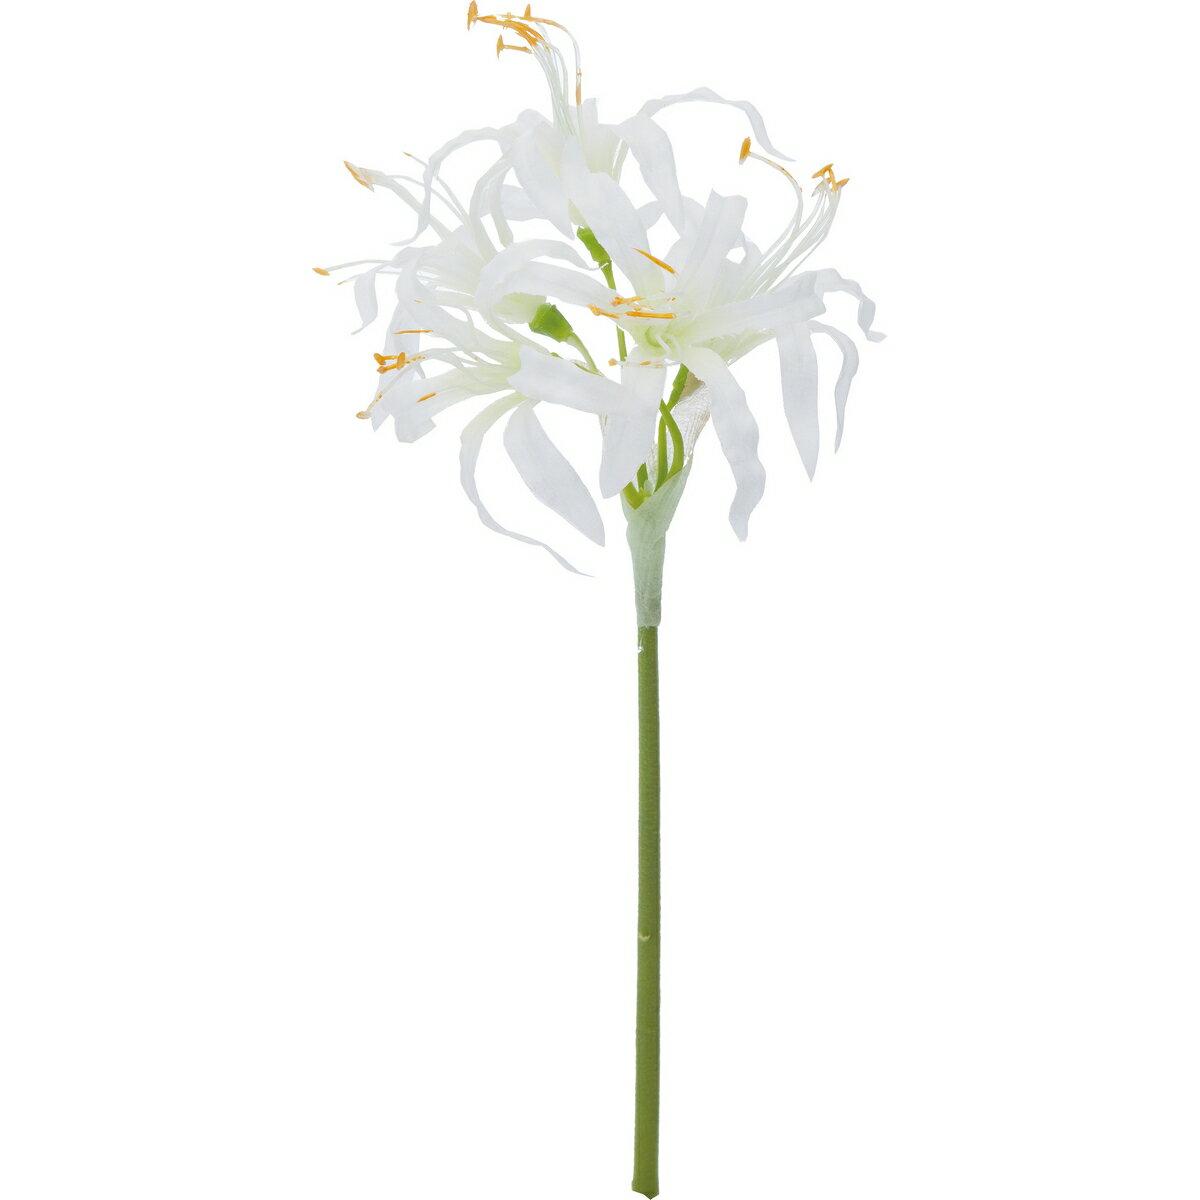 【造花】YDM/ダイヤモンドリリー クリーム/FFH-0007-CR【01】【取寄】《 造花(アーティフィシャルフラワー) 造花 花材「な行」 ネリネ・ダイヤモンドリリー 》